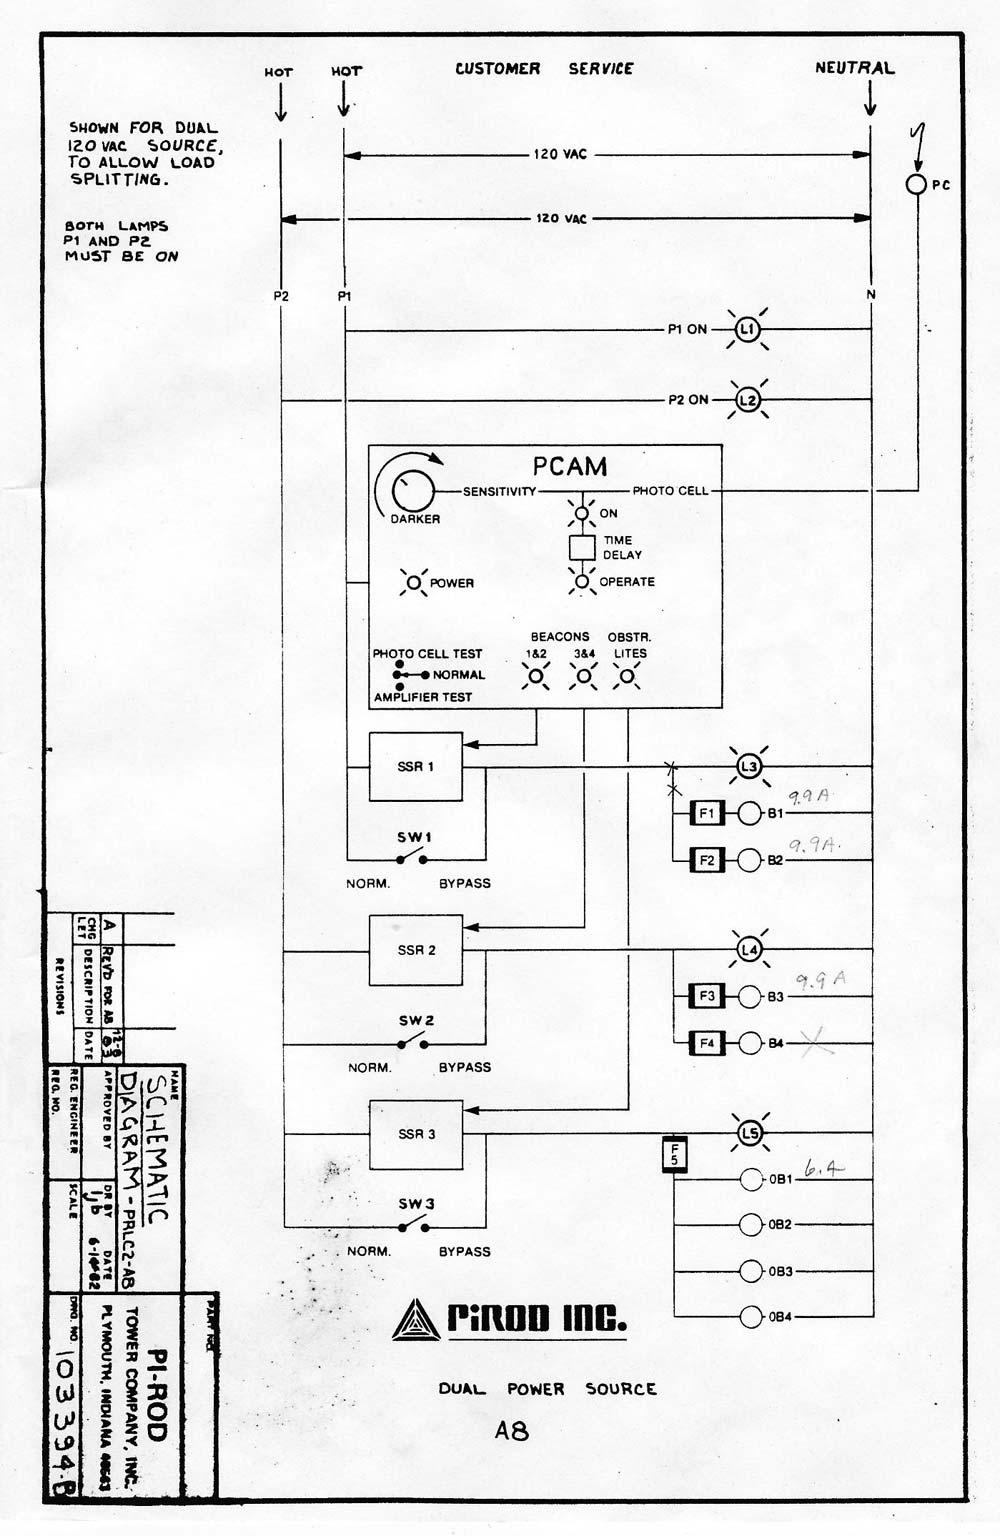 PIROD PRLCA schematic 3